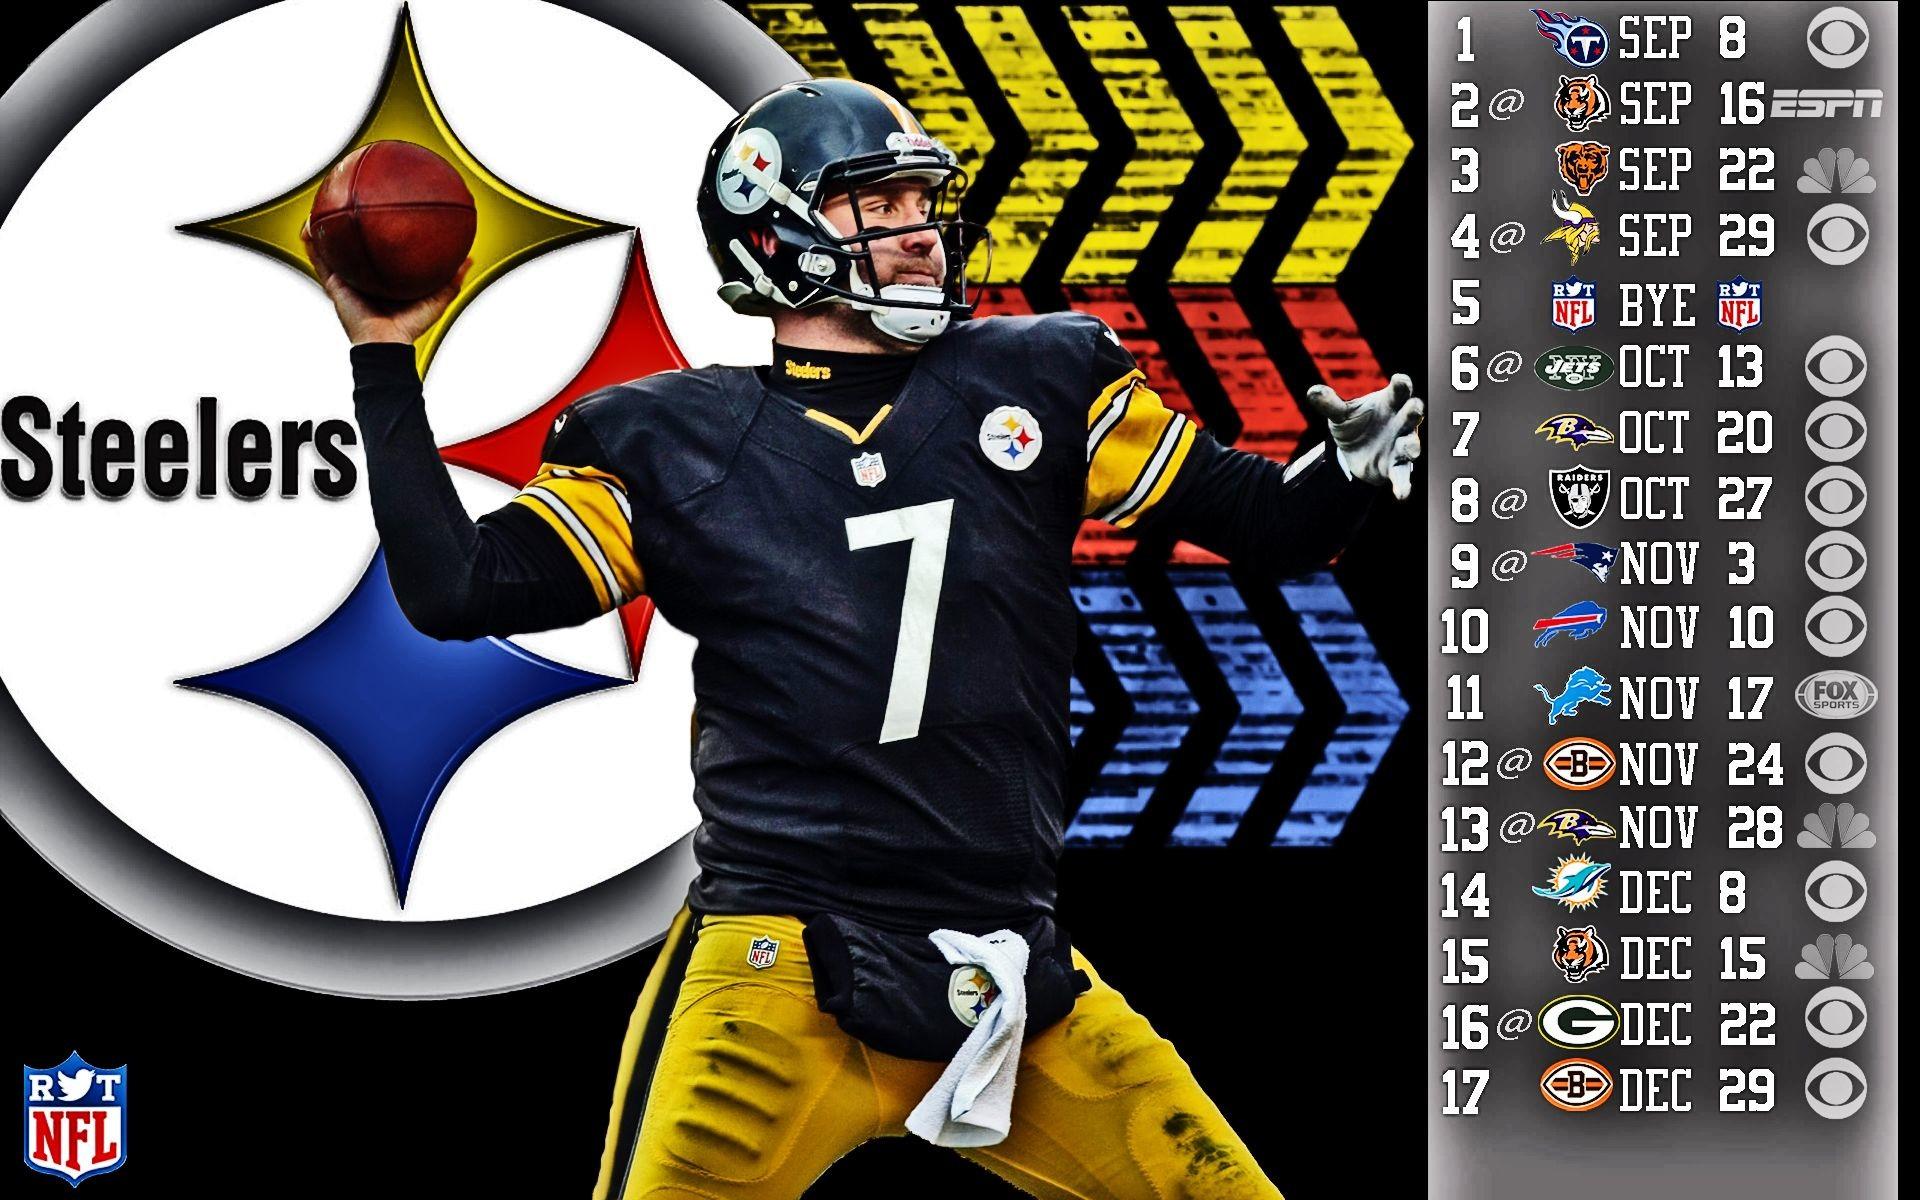 Steelers Wallpaper Schedule